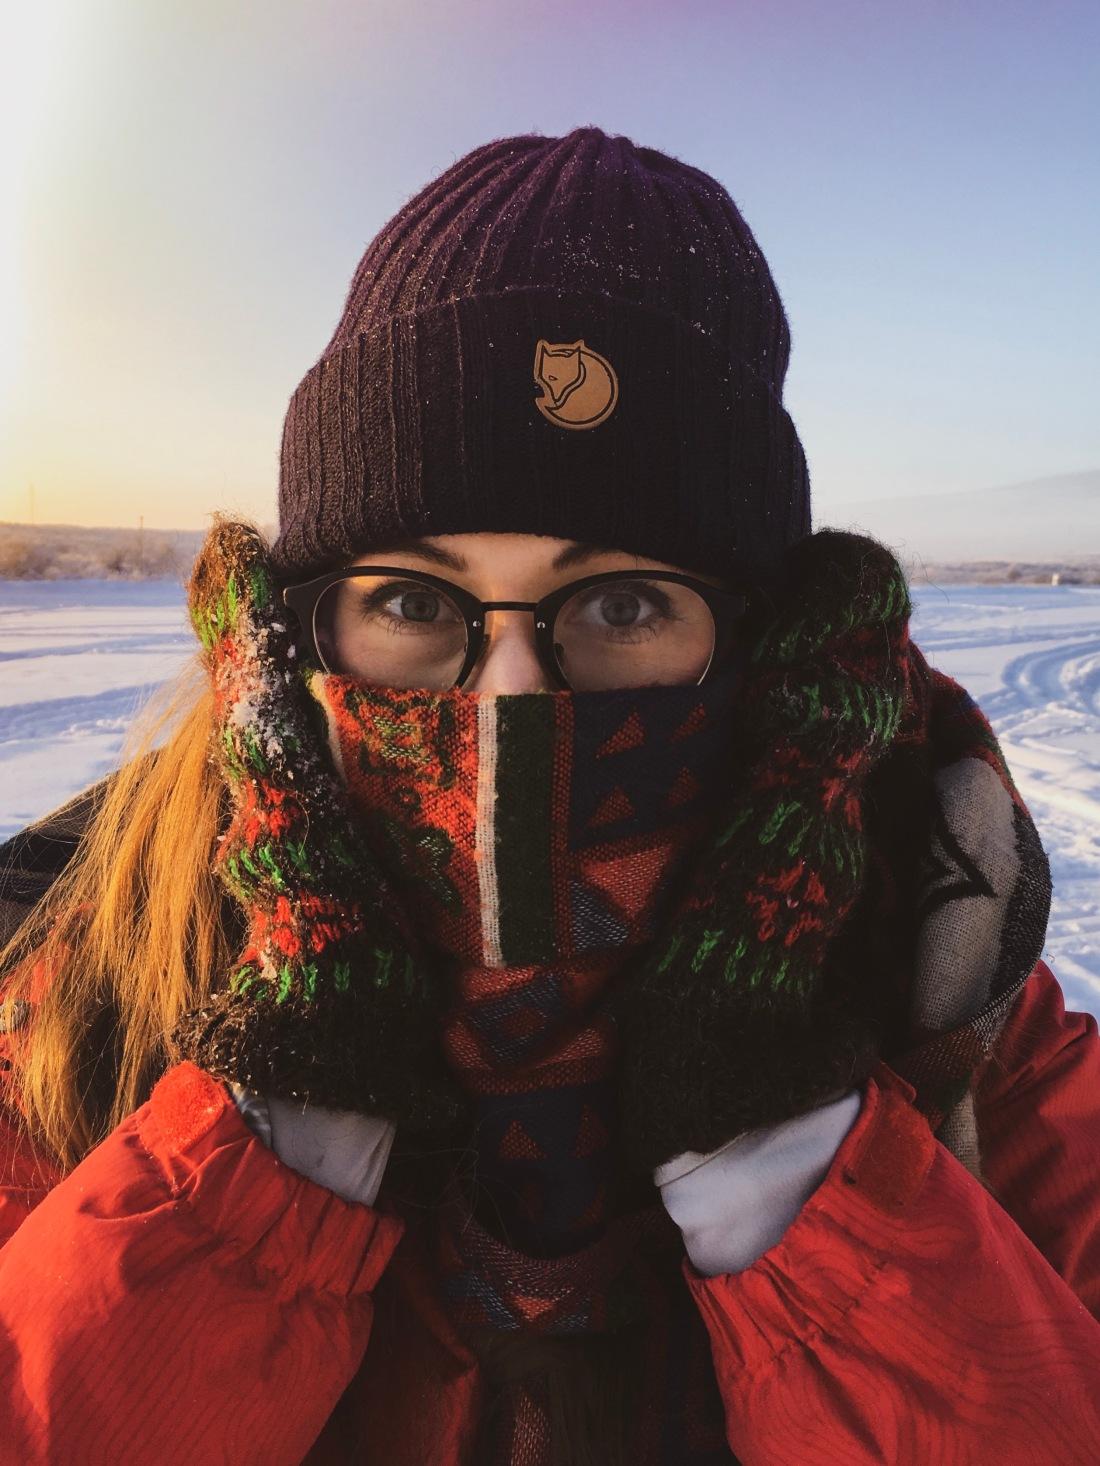 Cześć! To ja, Asia Kocon, Twoja przewodniczka po fińskiej Laponii. Wyruszasz ze mną na wyprawę po tej pięknej krainie?